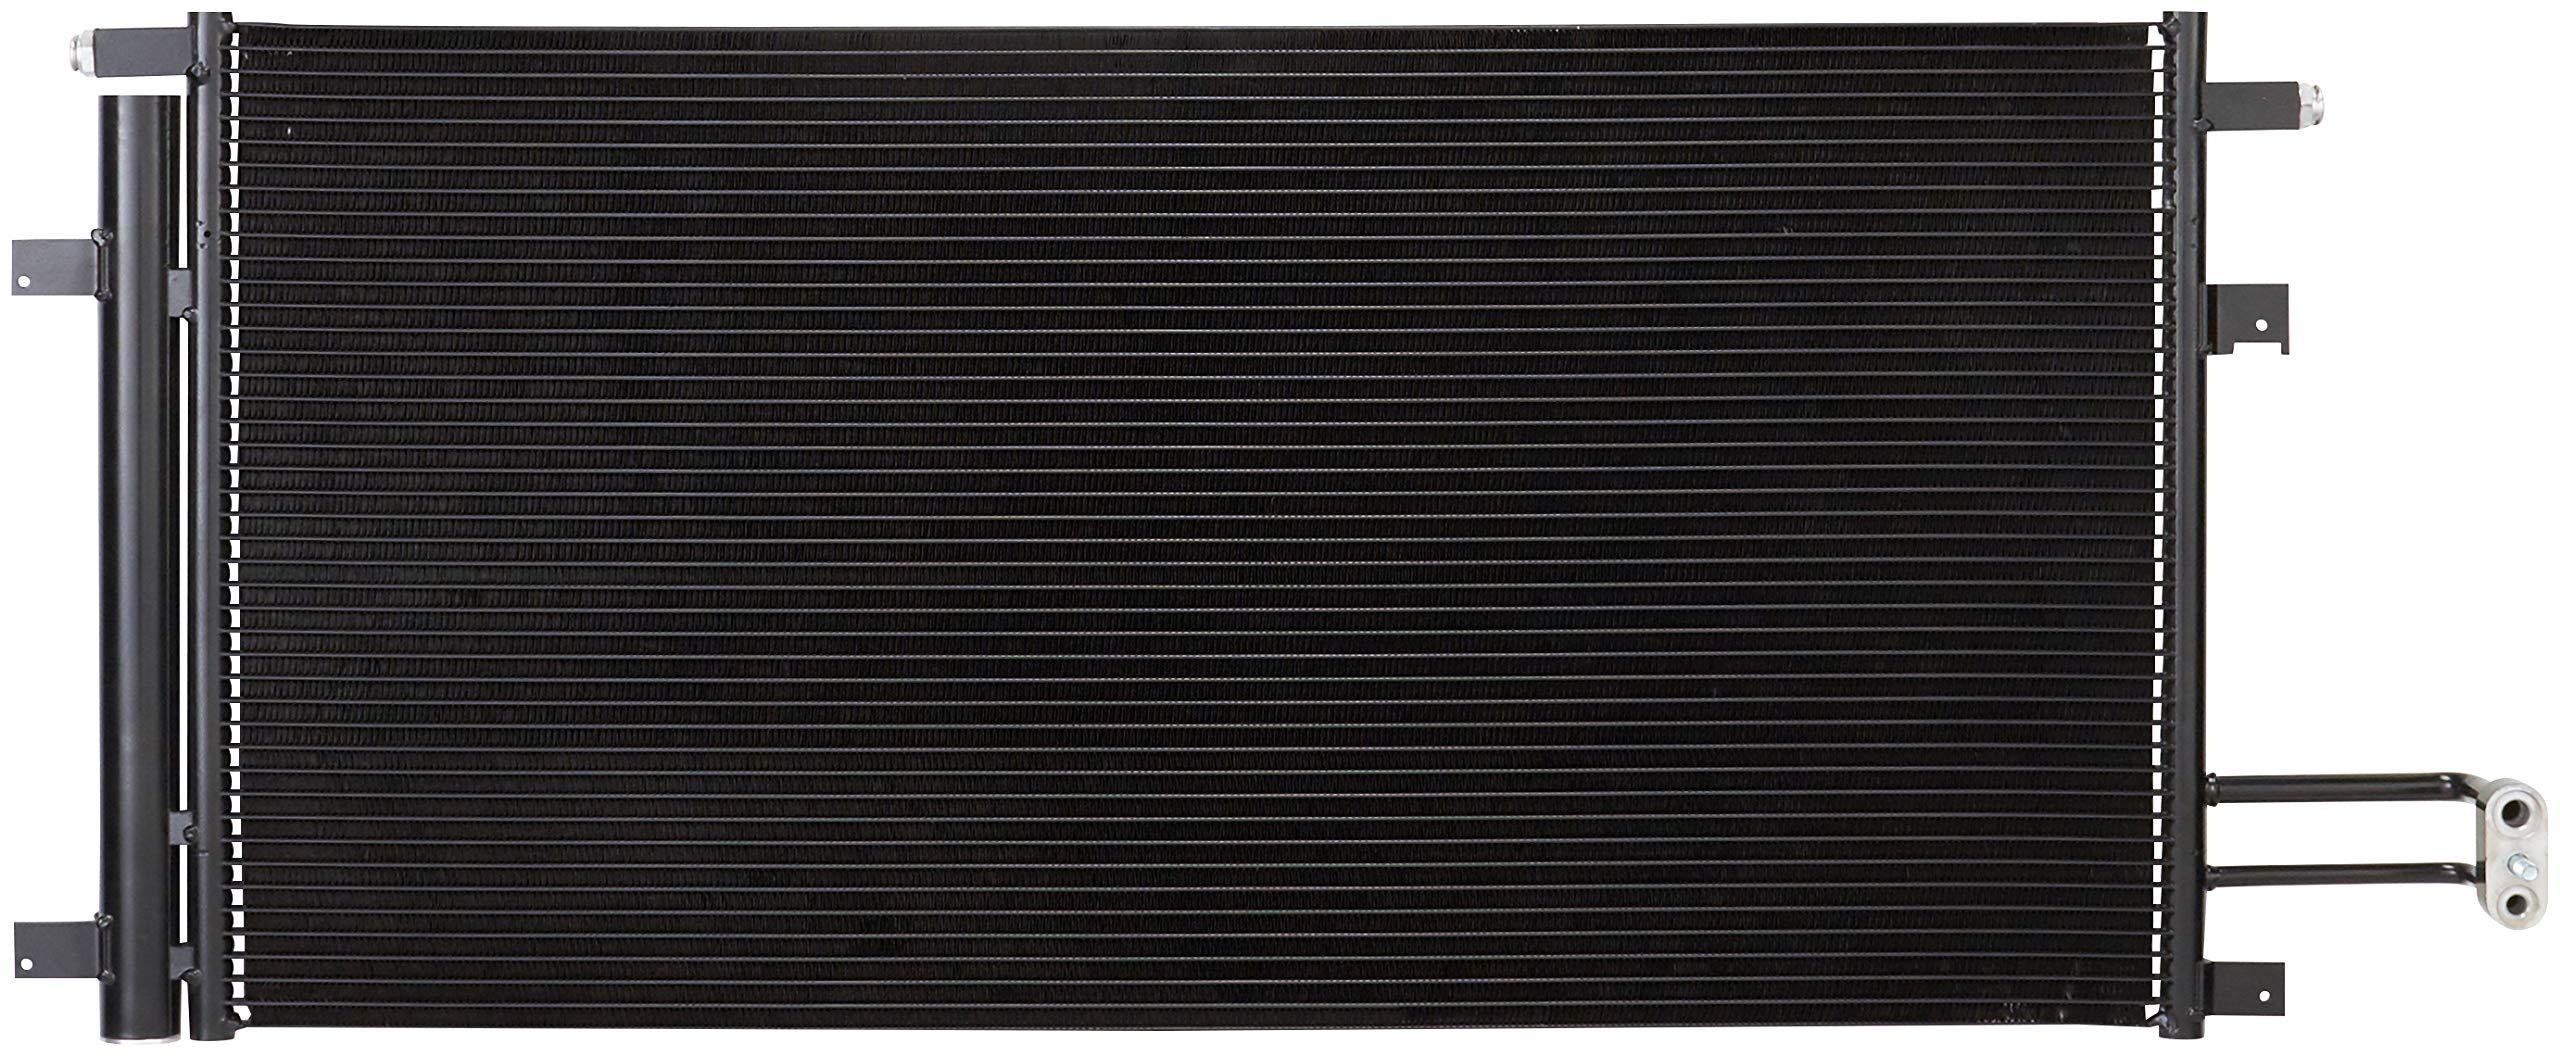 Spectra Premium 7-4283 Air Conditioning A/C Condenser by Spectra Premium (Image #1)